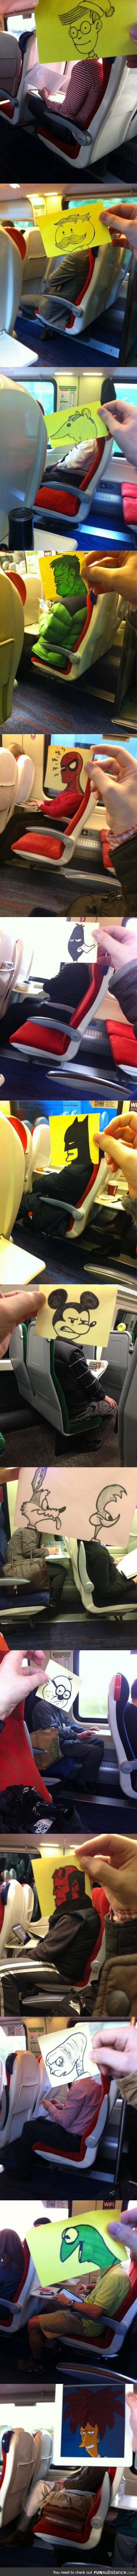 Commuting Doodles by October Jones